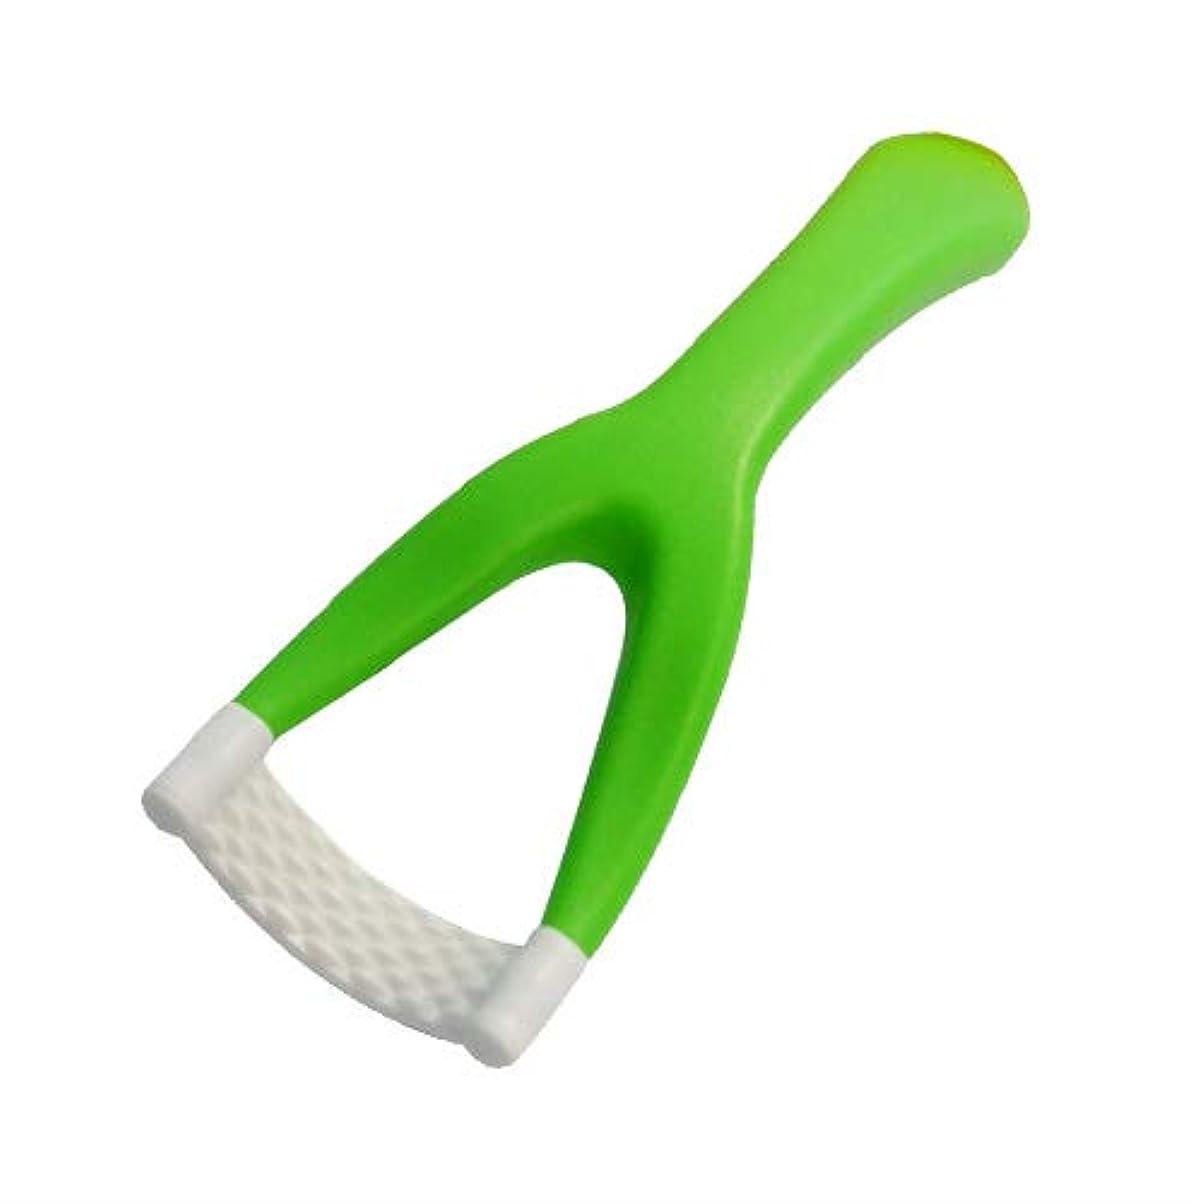 カロリー断言する別々に使いやすーい 「舌ブラシ」 1本 ミントグリーン